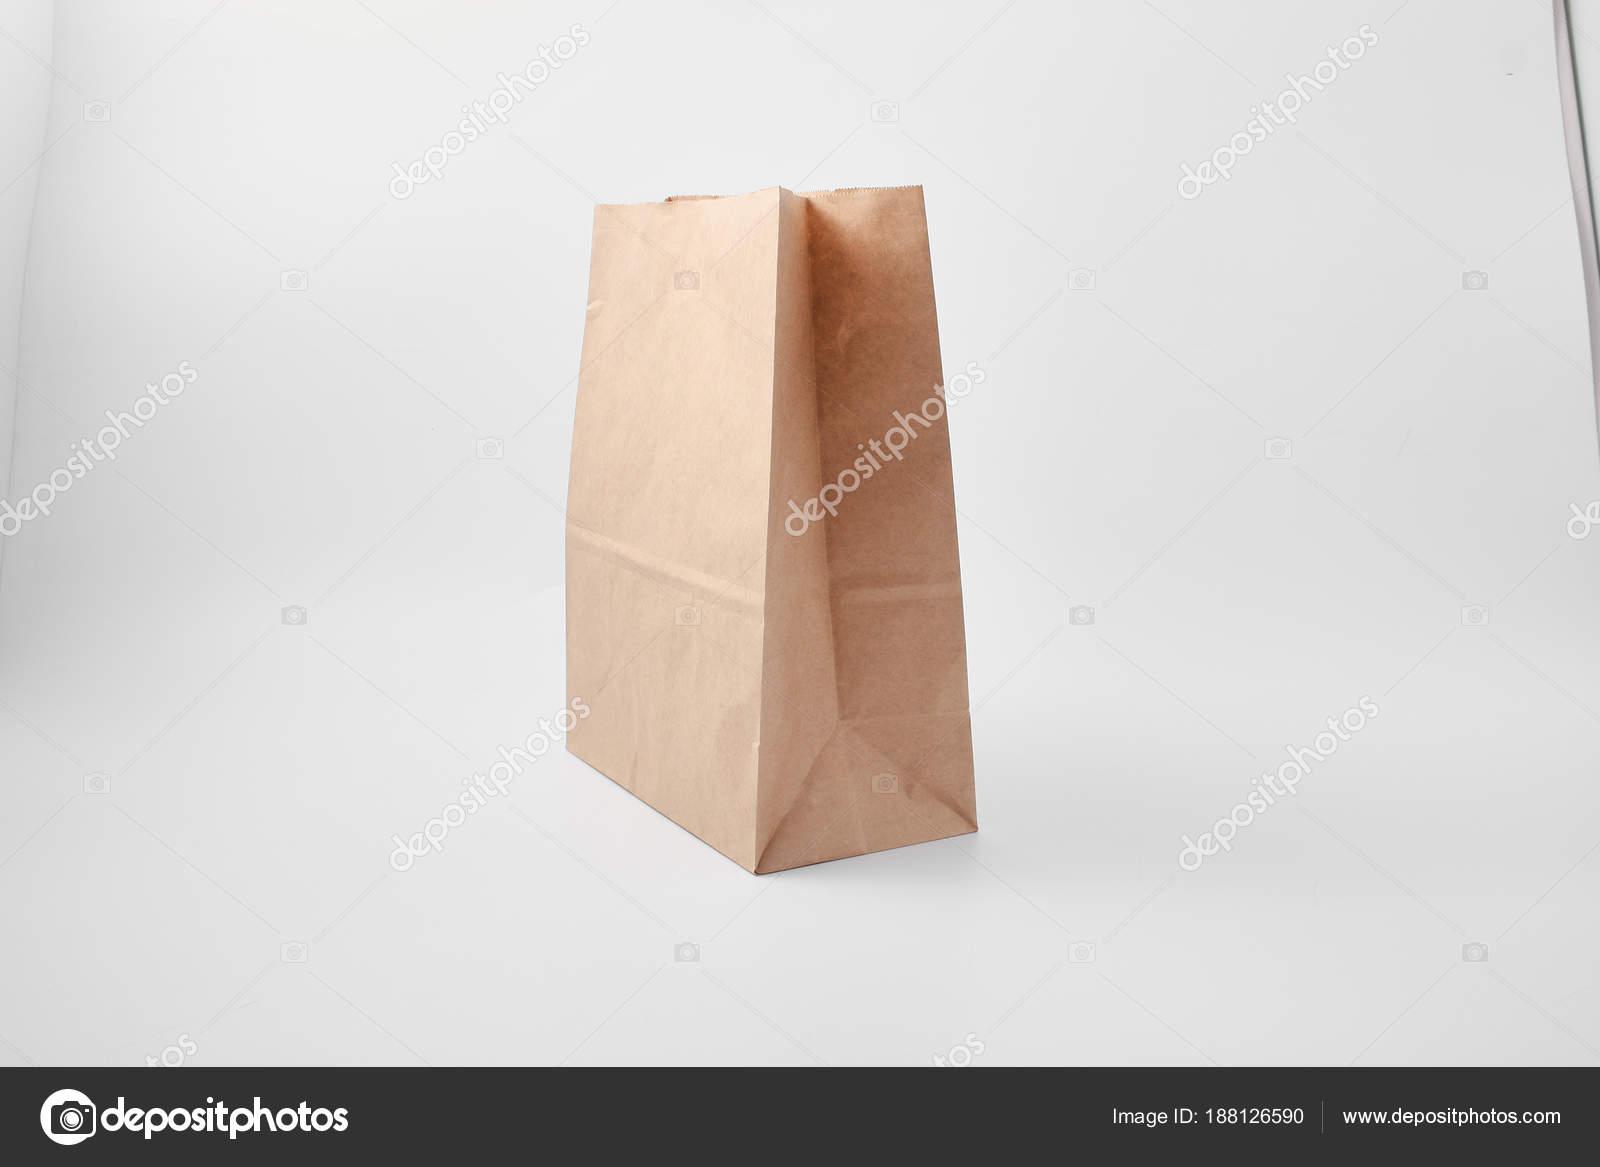 De Papieren Zak : Papieren zak voor voedingsproducten fast food verpakking